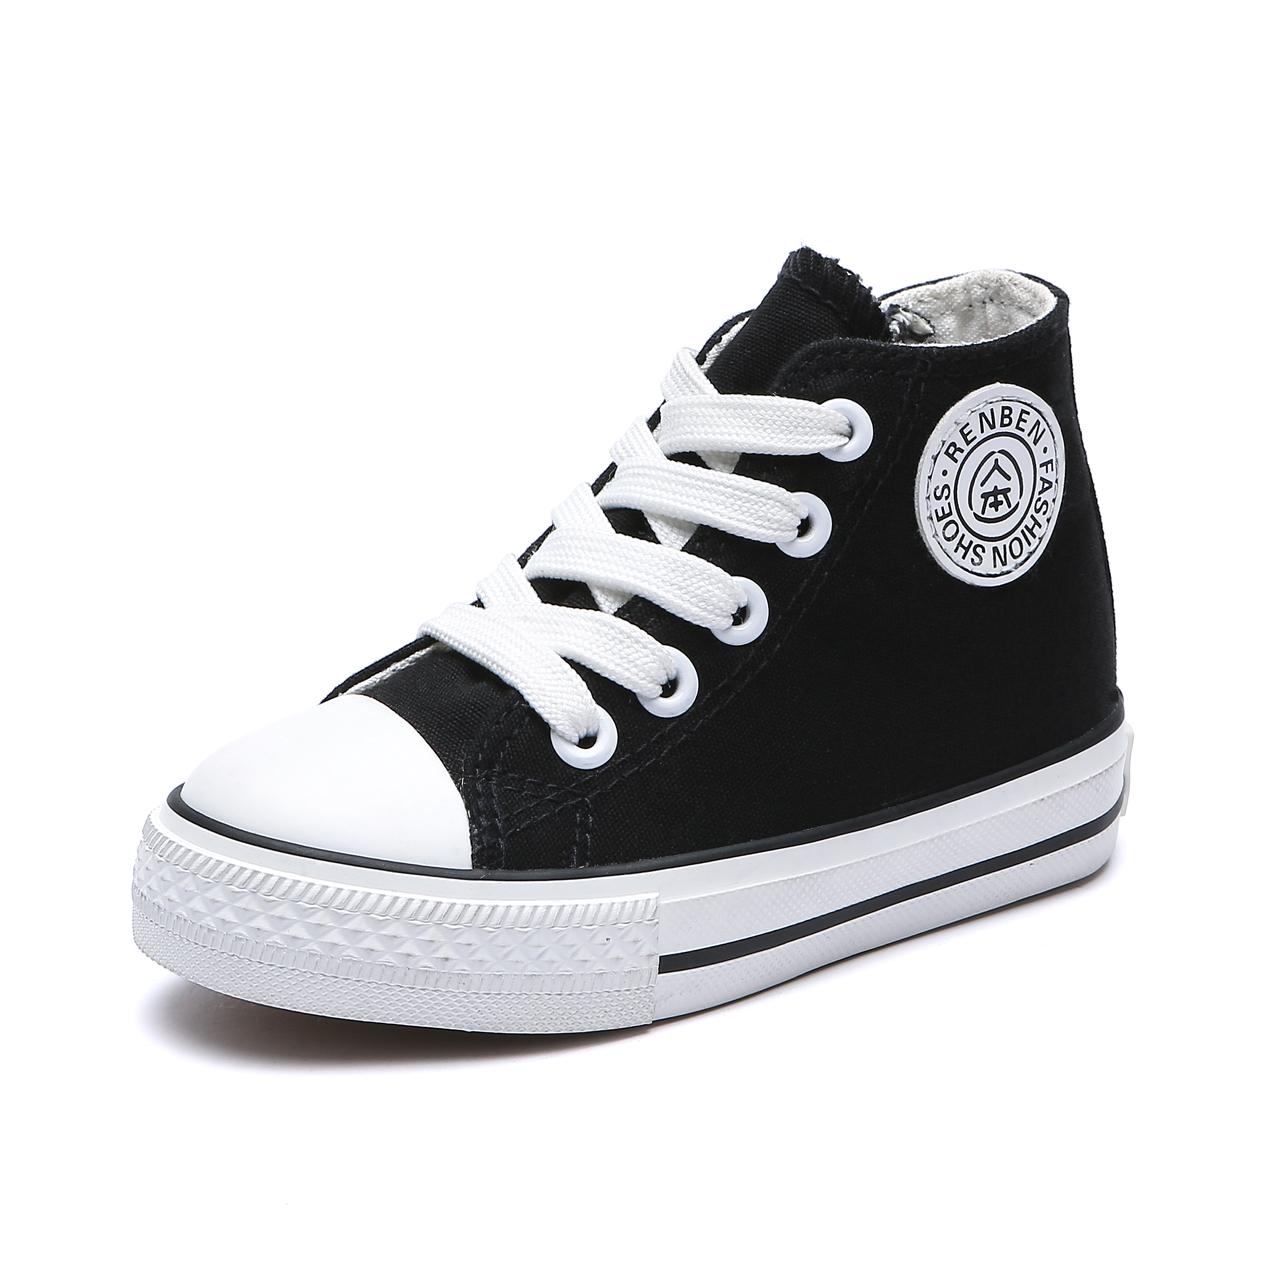 人本帆布鞋女童高帮布鞋儿童鞋子小童休闲童鞋男童小白鞋宝宝板鞋